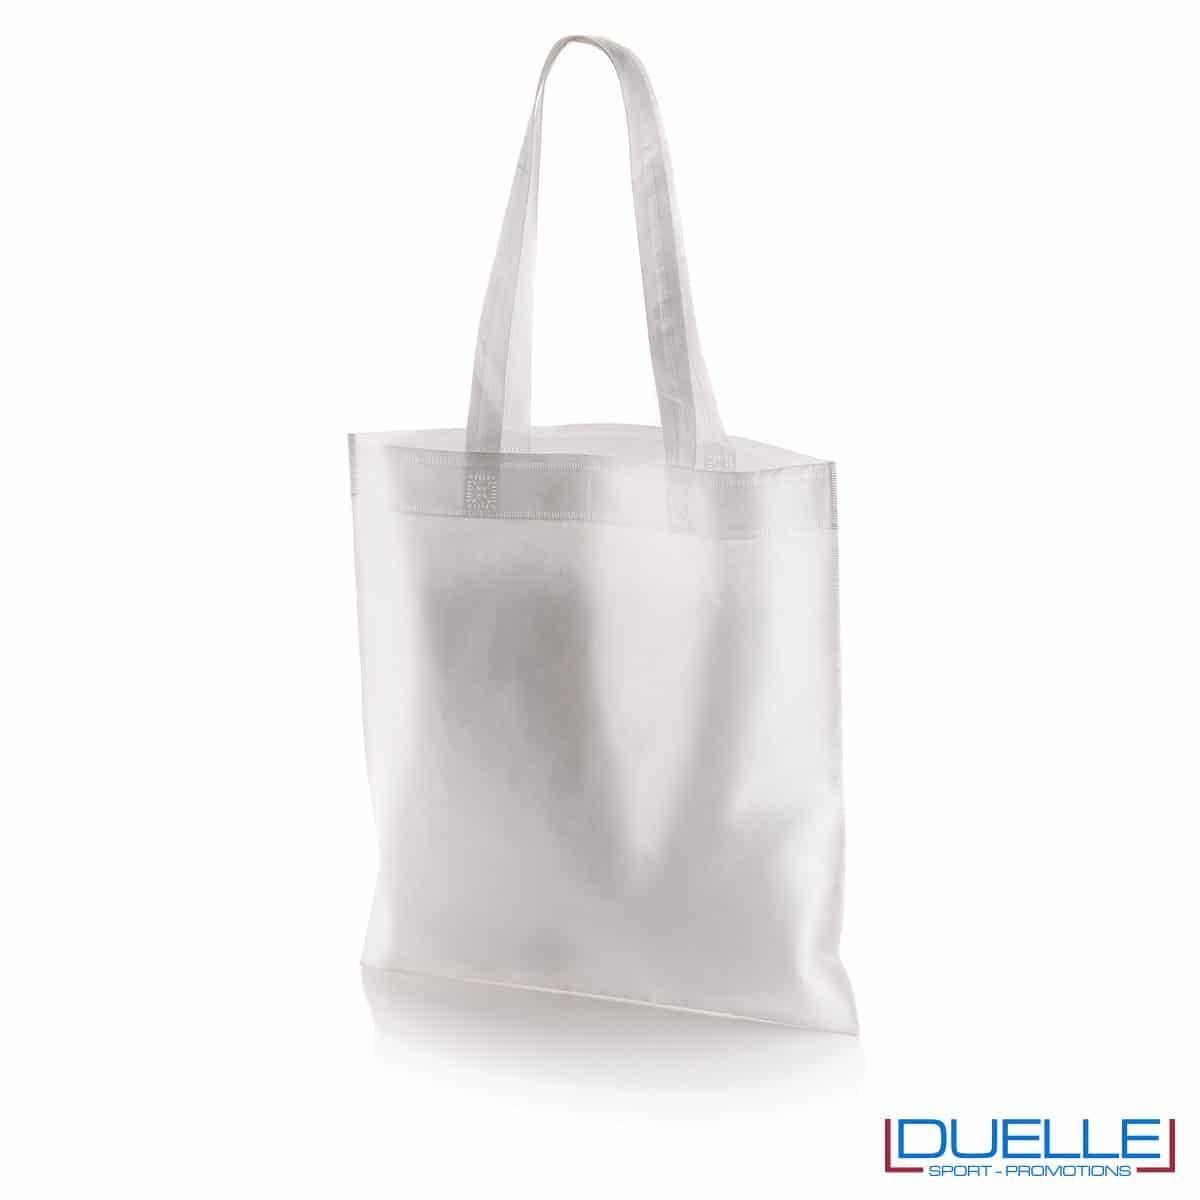 borsa shooper personalizzata in tnt termosaldato bianco, offerta borse promozionali in tnt economiche bianche